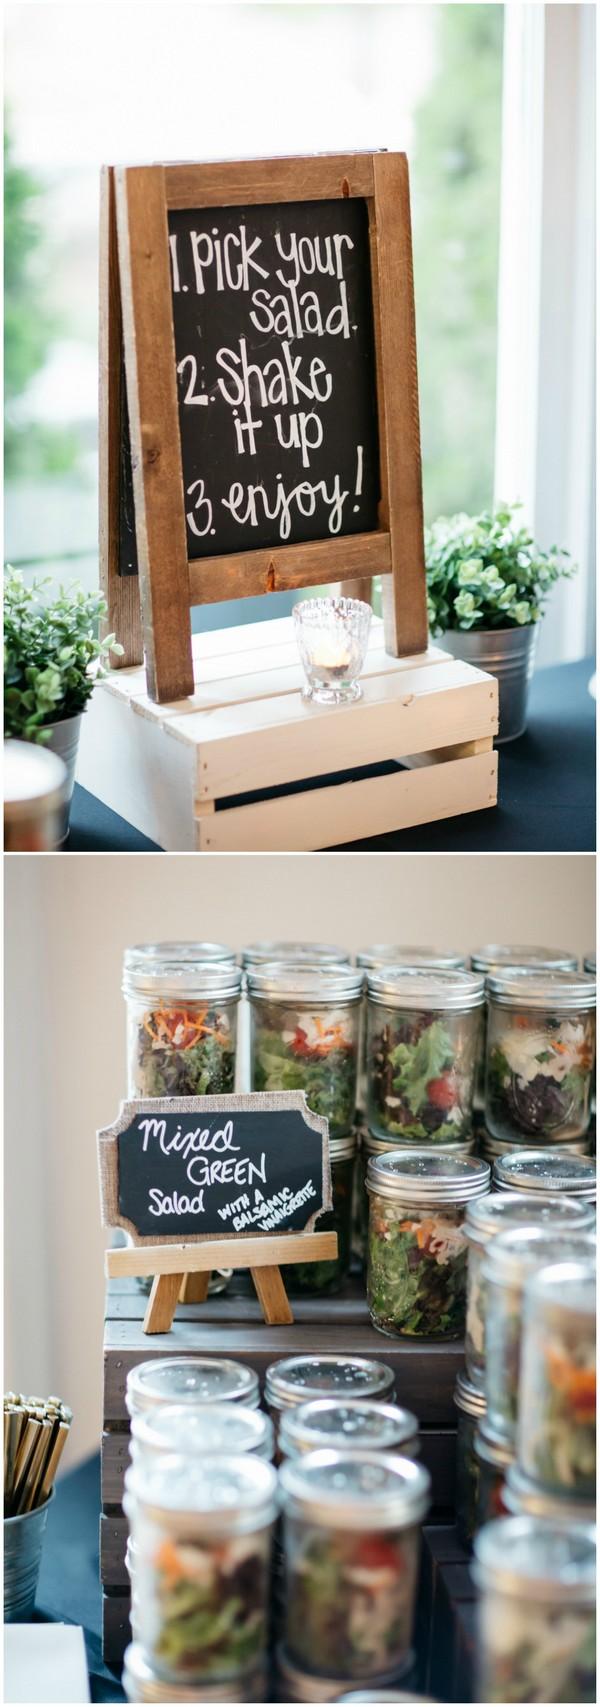 mixed green salad wedding food station ideas